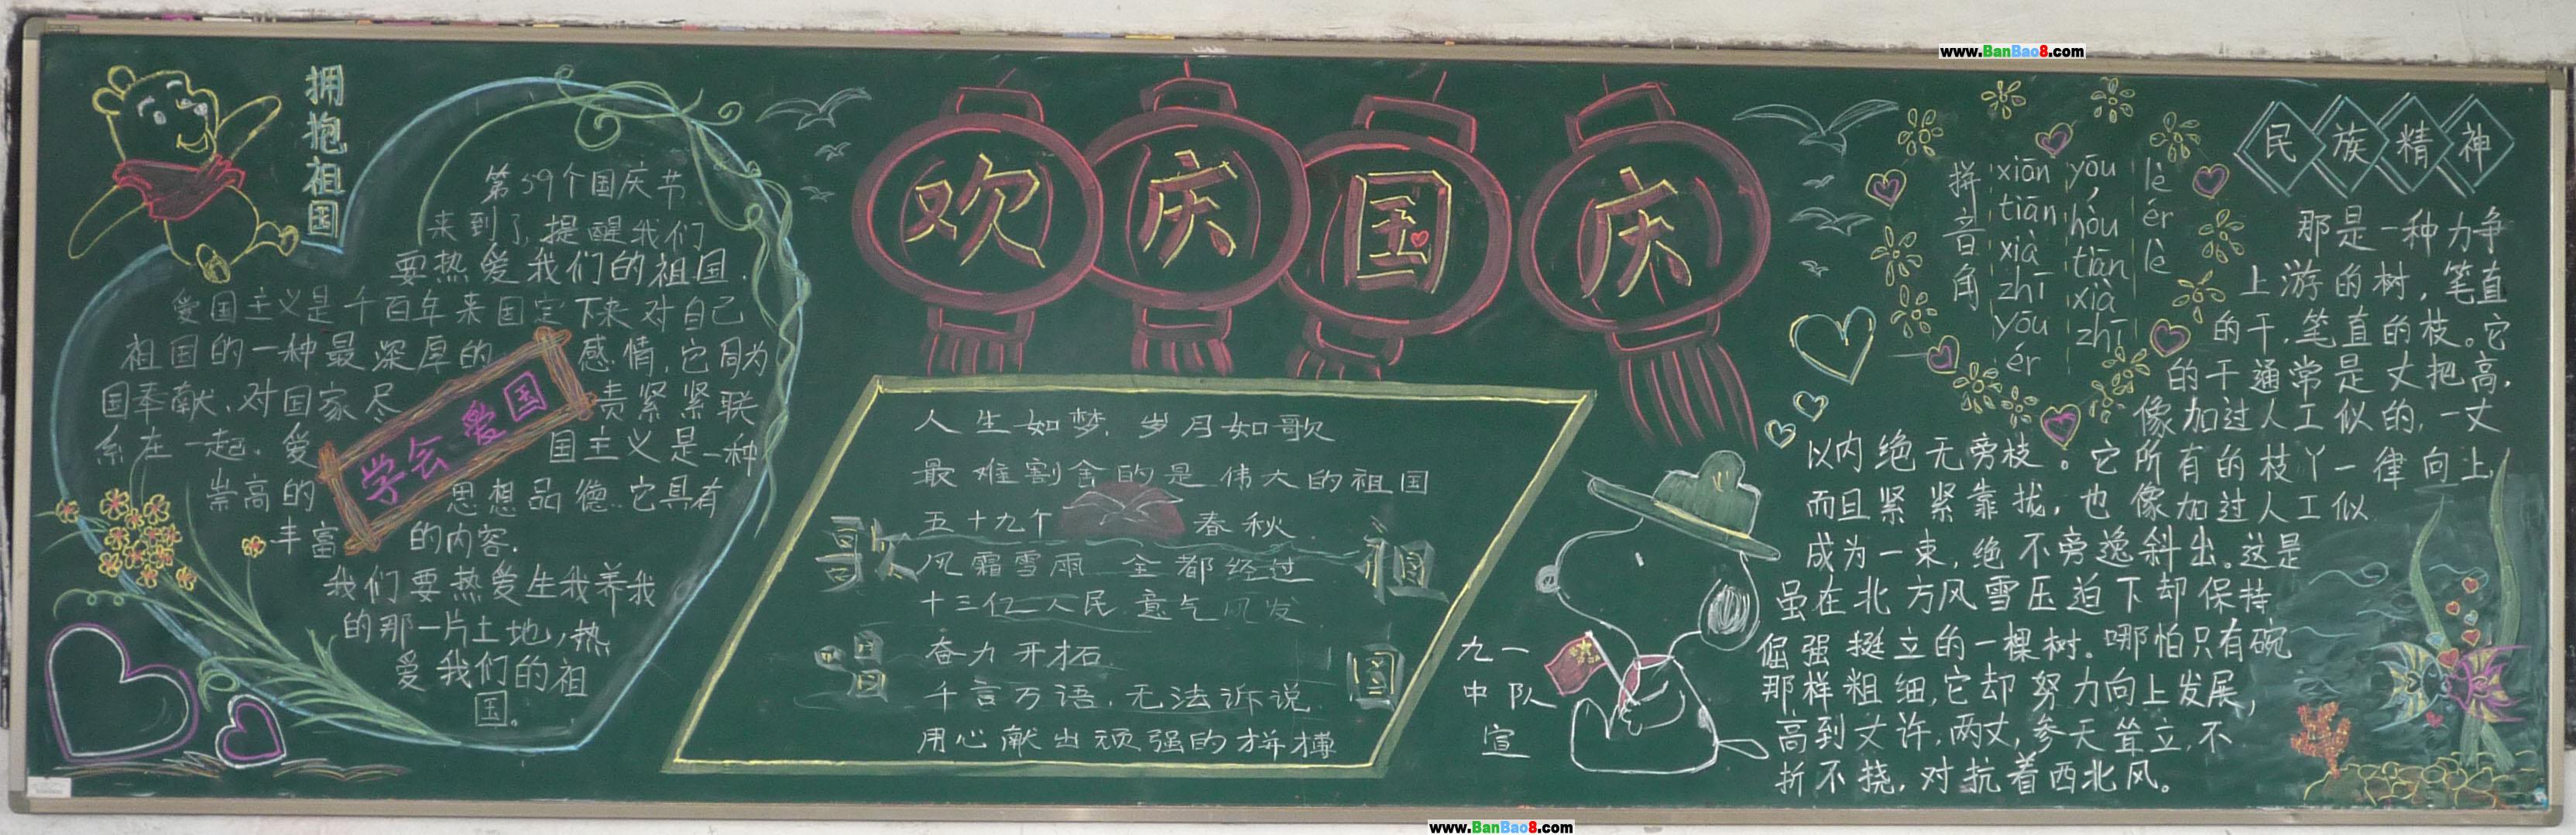 欢庆国庆节黑板报图片